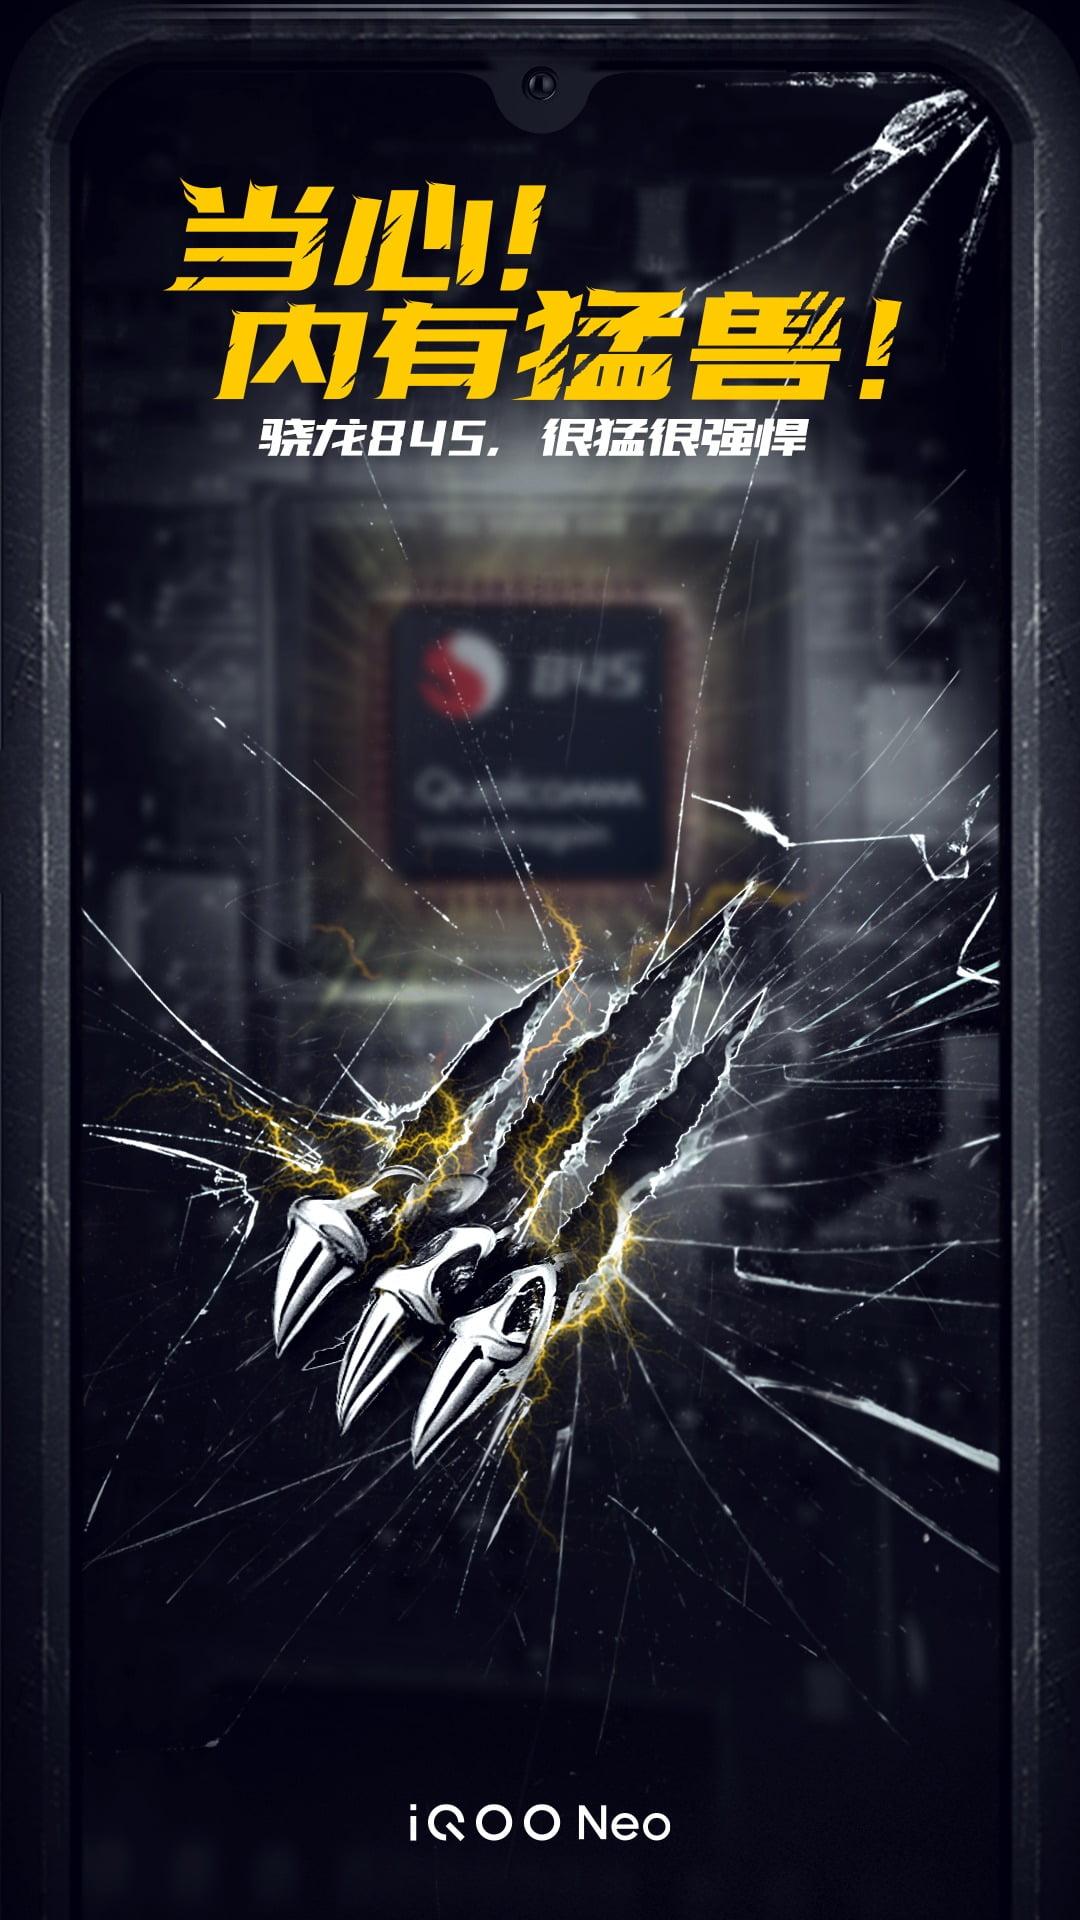 Vivo iQOO Neo has Snapdragon 845